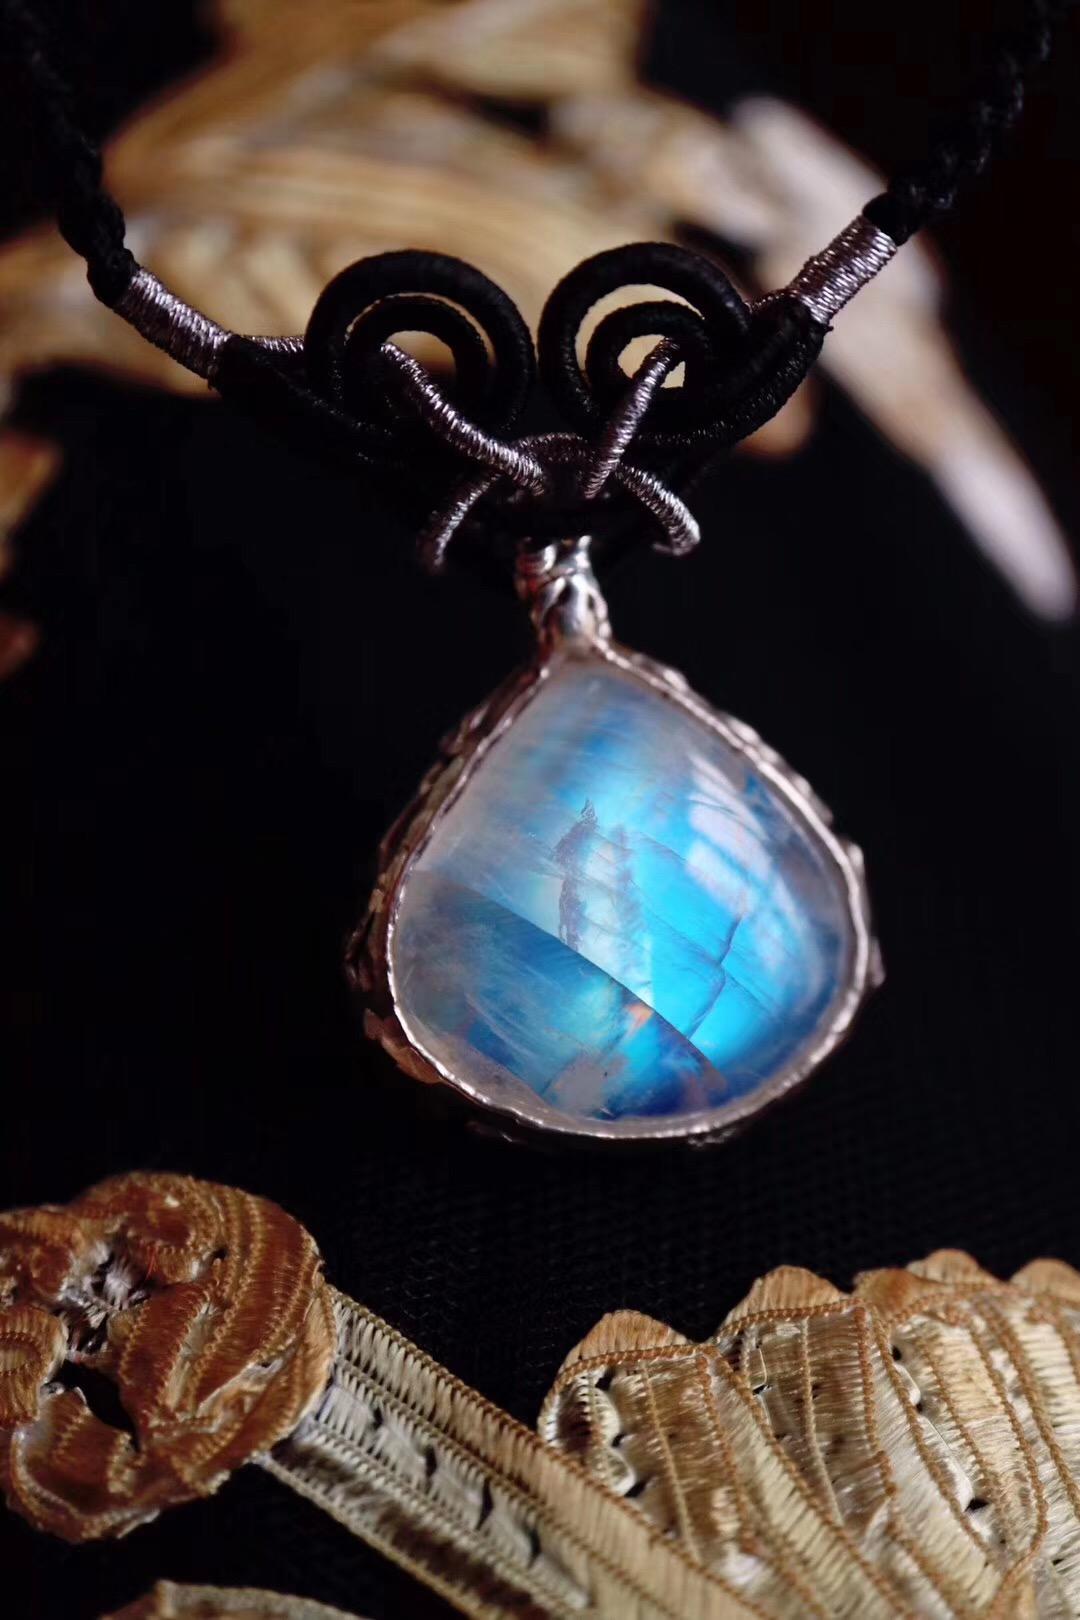 【菩心-月光石】不经意间的蓝光,最是疗愈-菩心晶舍